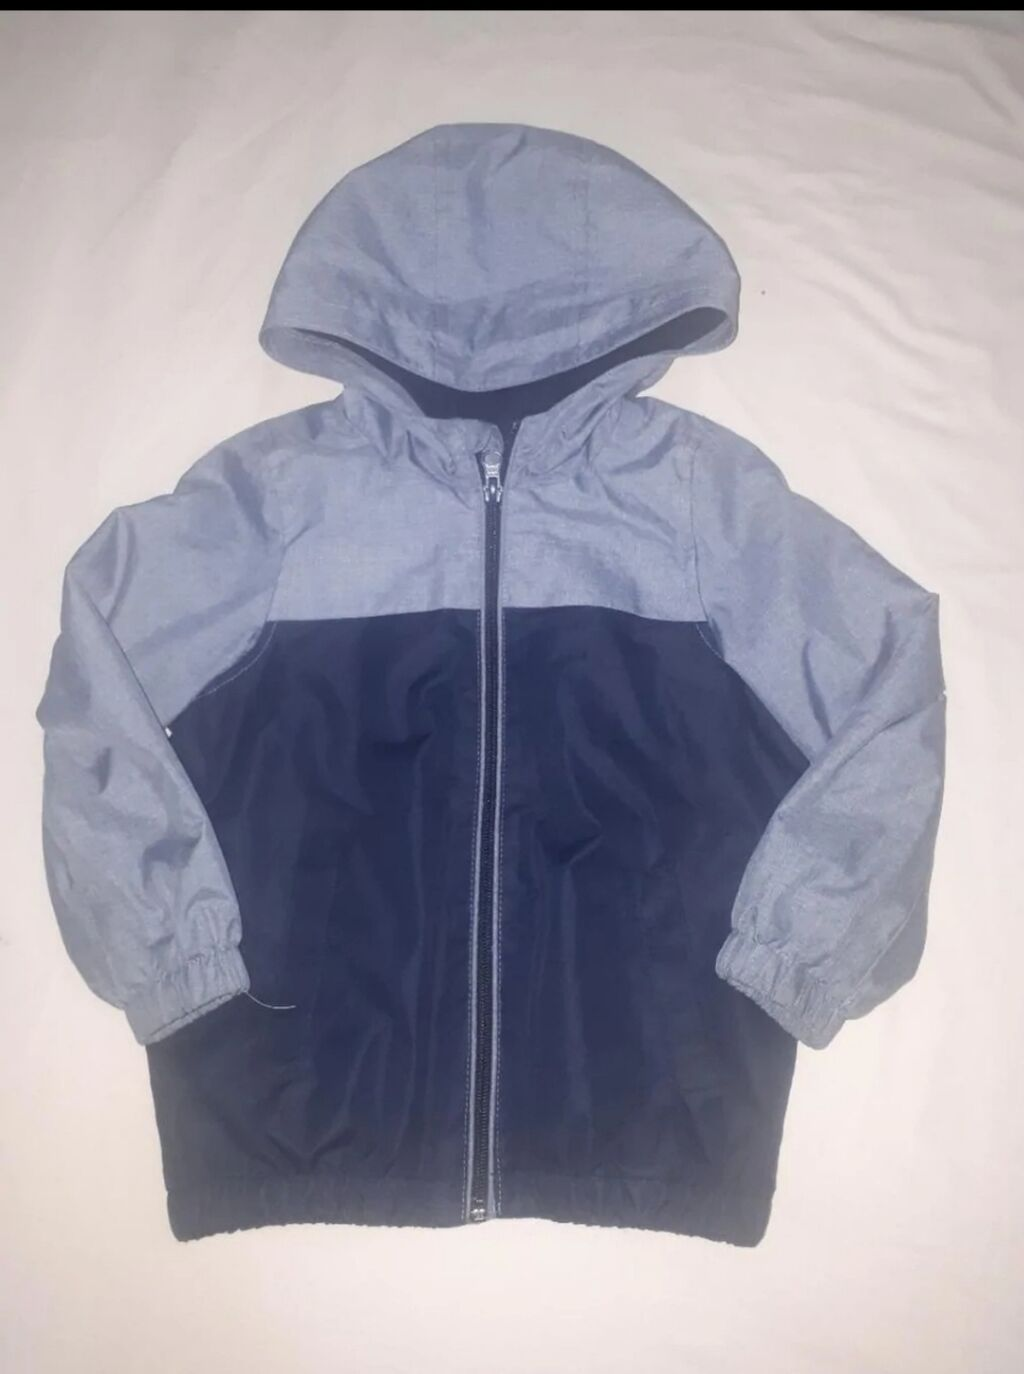 Куртка (внутрен.флиз.подклад)на мальчика 3-4 лет б/у: Куртка (внутрен.флиз.подклад)на мальчика 3-4 лет б/у